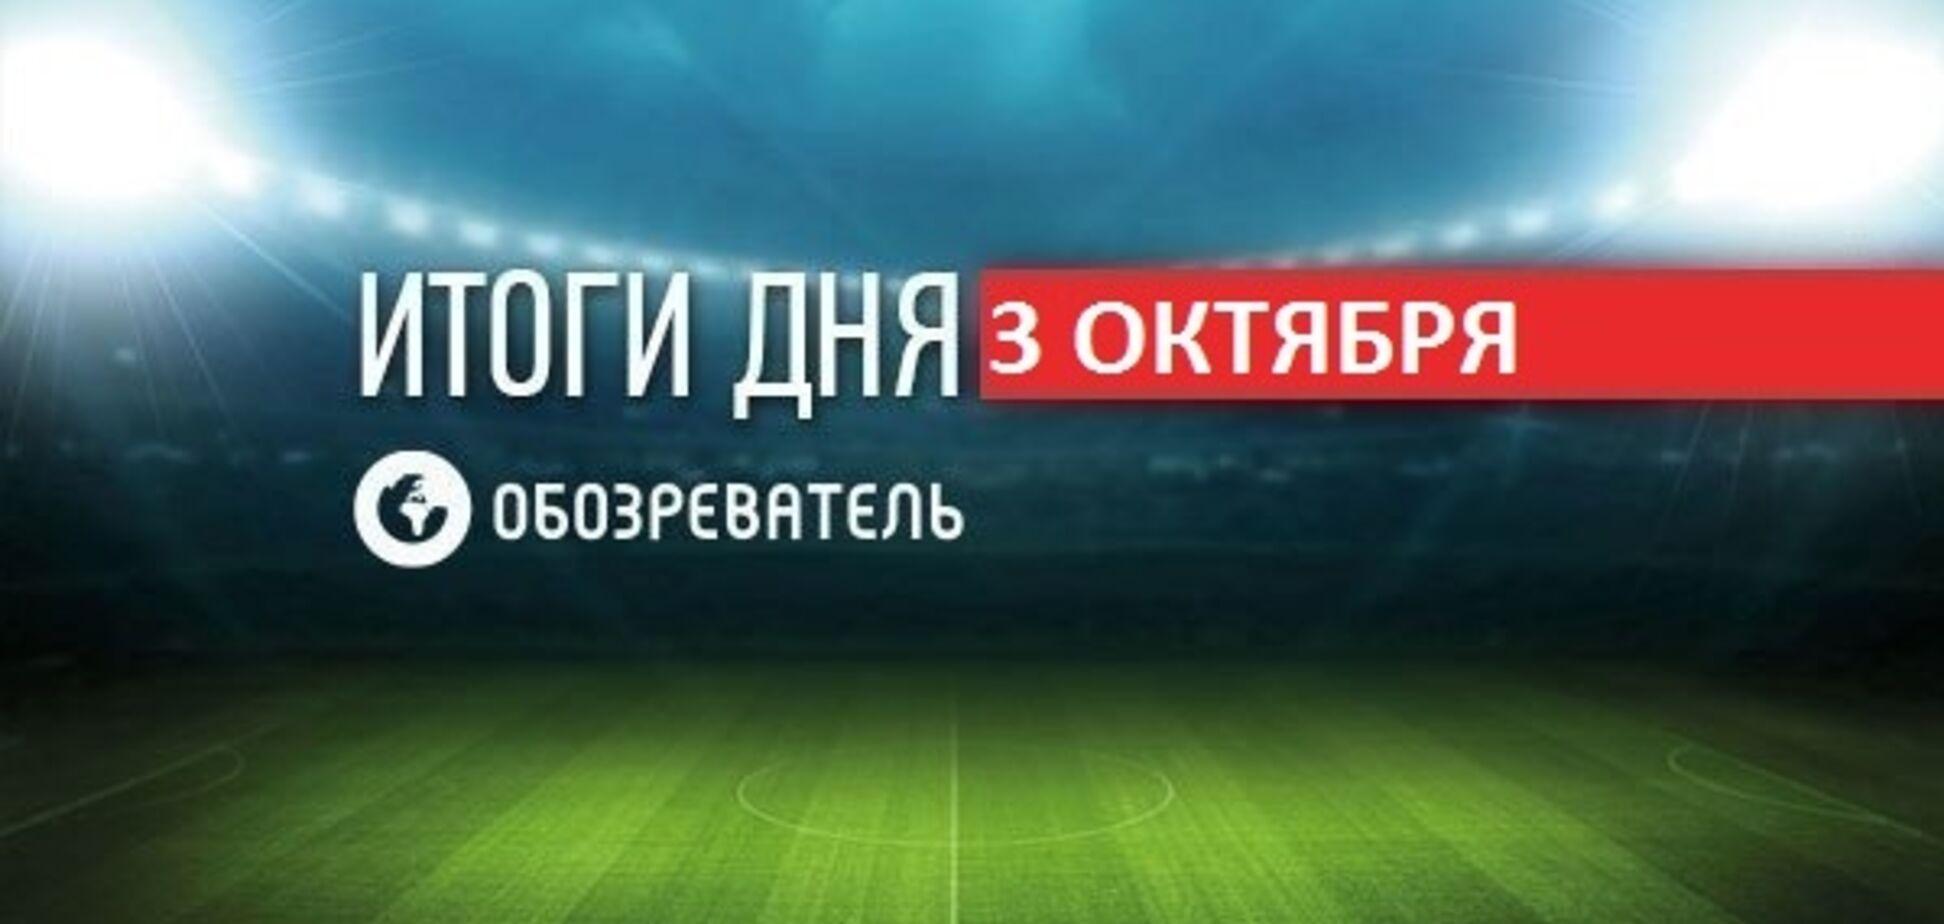 'Динамо' втратило очки у Лізі Європи: спортивні підсумки 3 жовтня